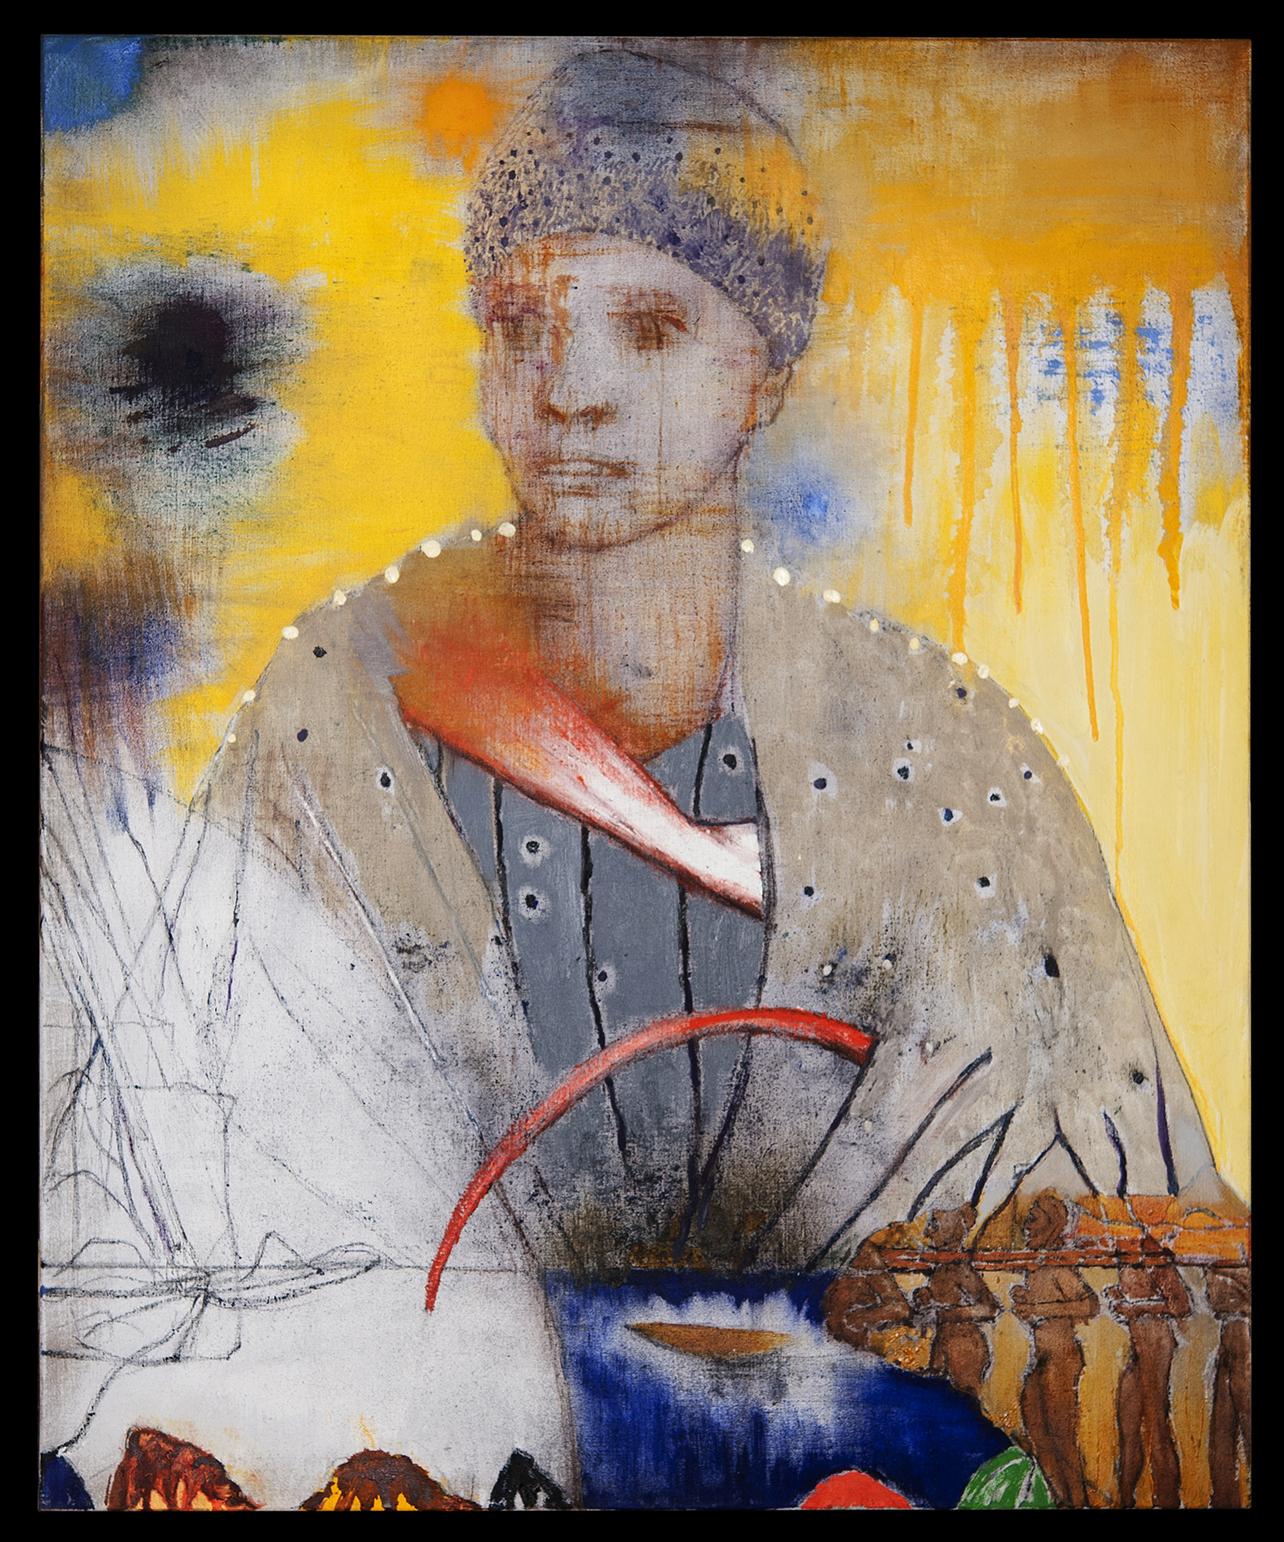 2015_Madonna of slavery IV, Huile sur toile, 73 x 60 cm, Paris.jpg